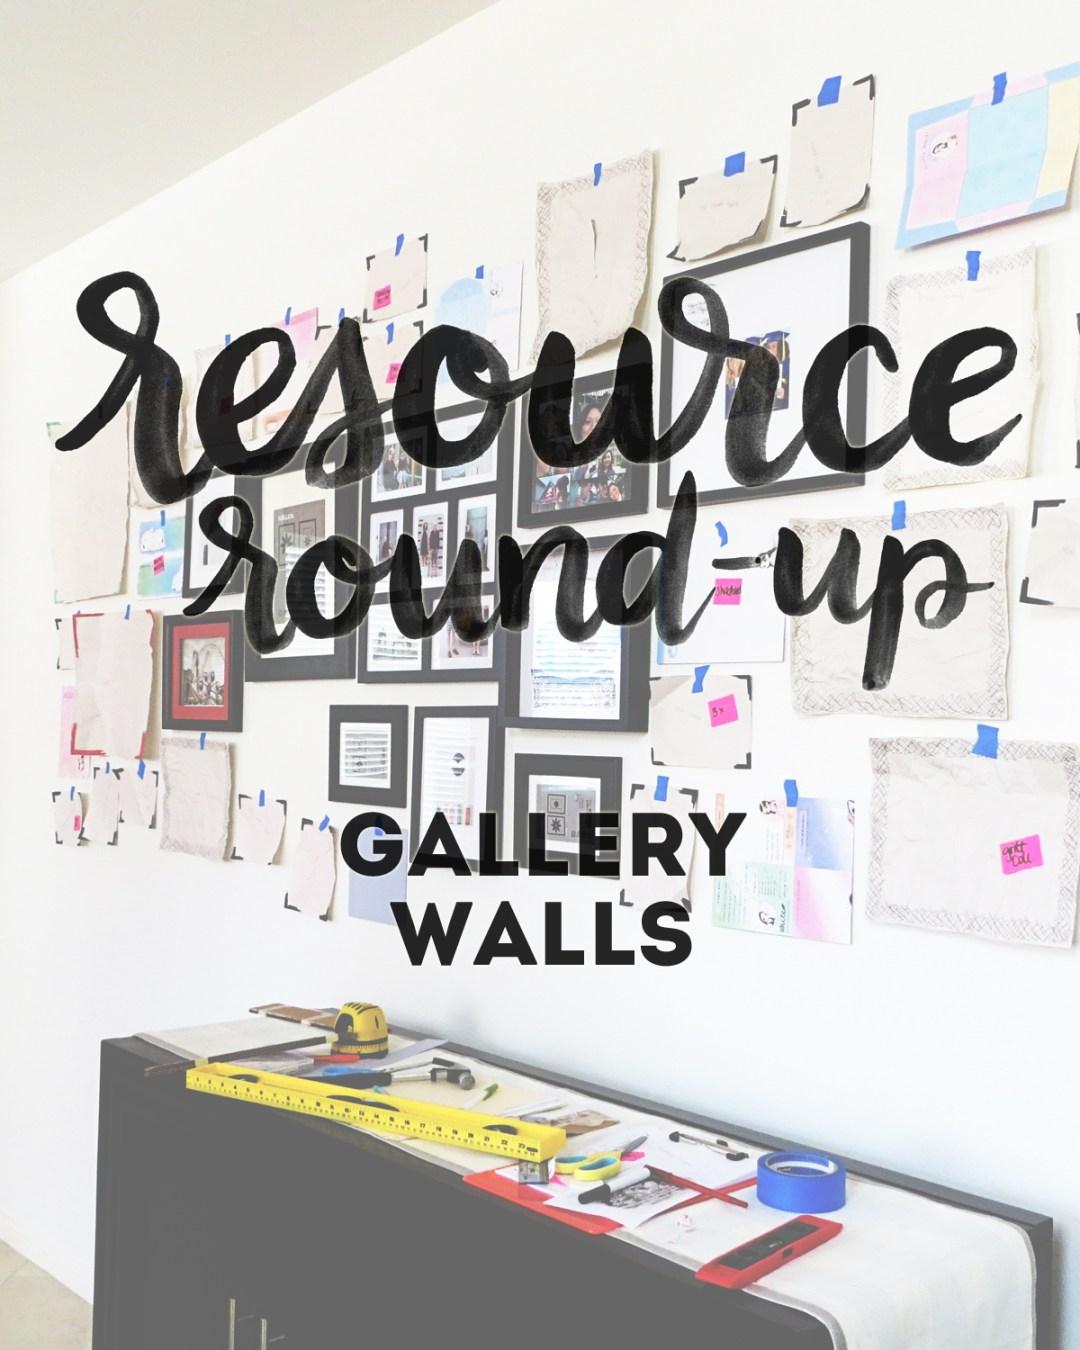 Resource Round-Up: Gallery Walls - www.randomolive.com